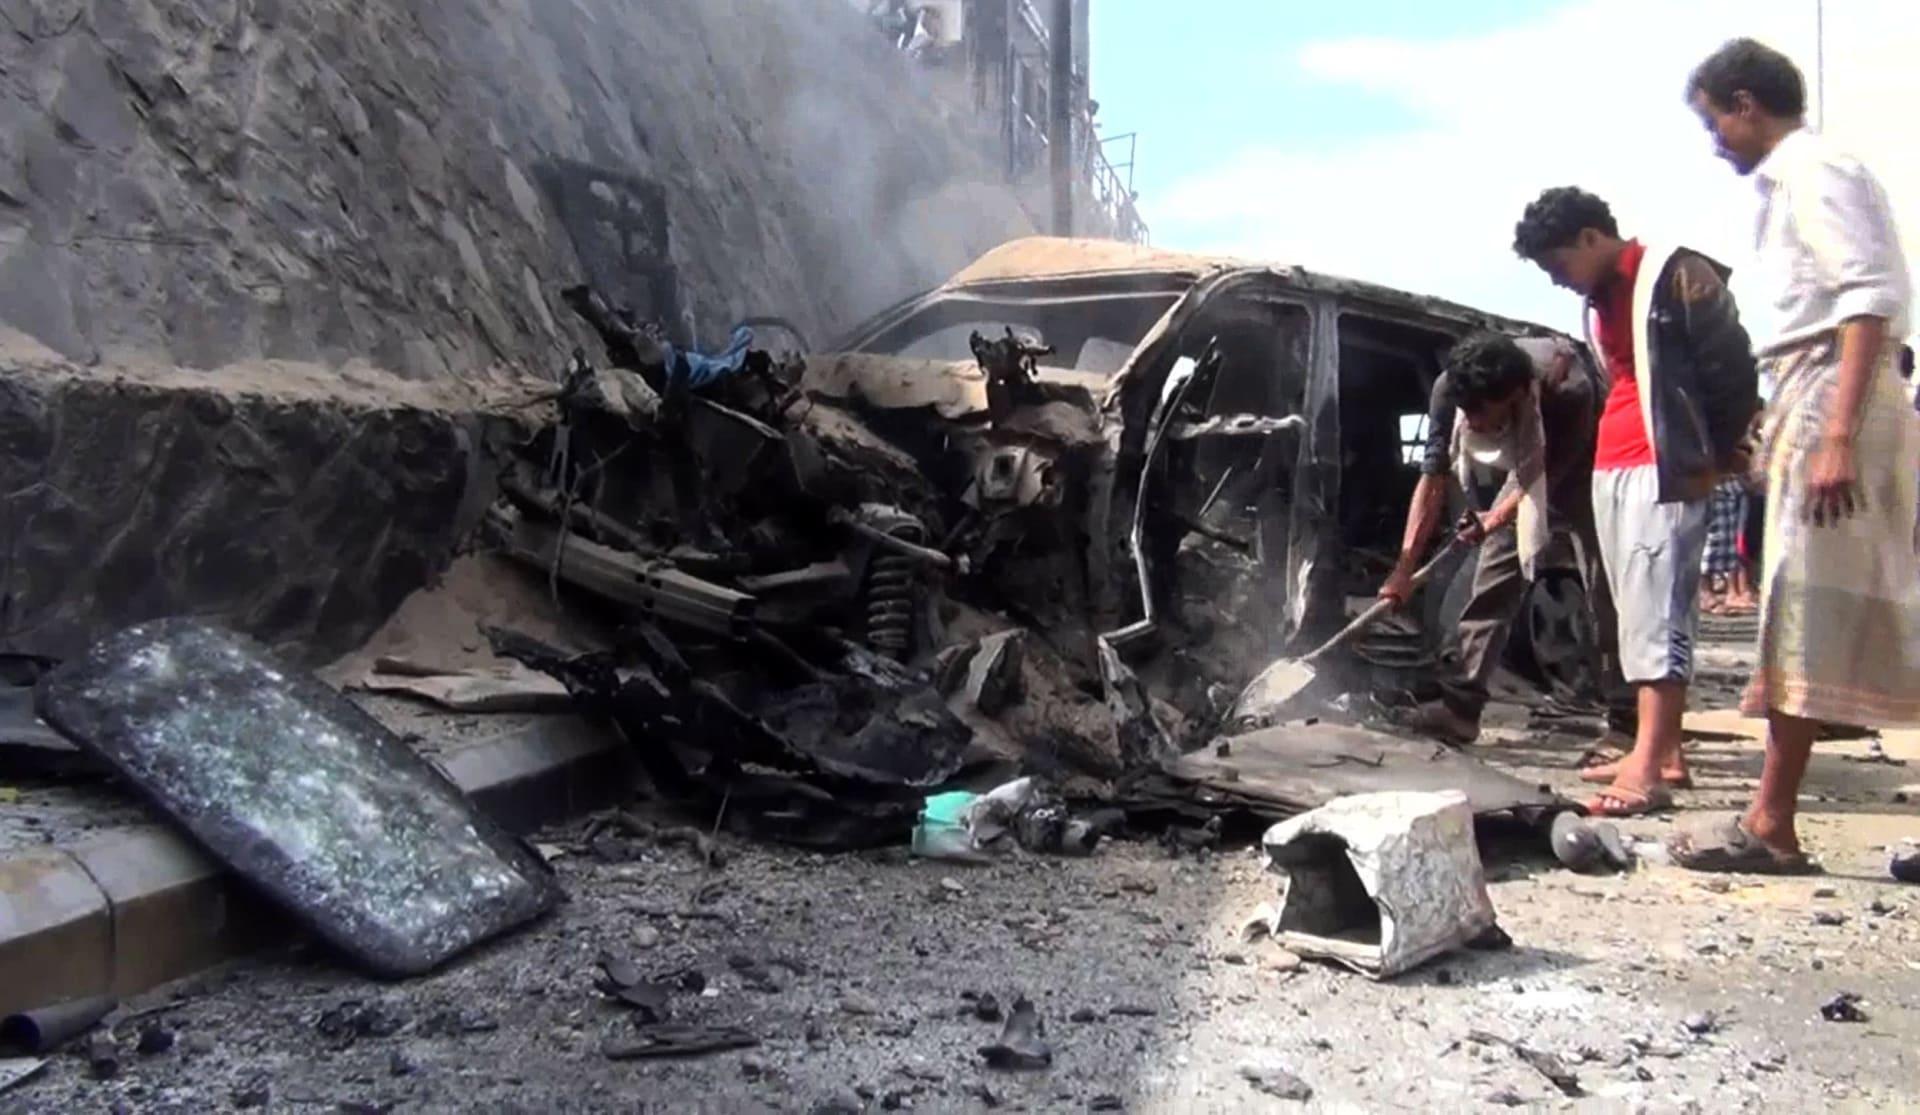 أرشيفية - يمنيون يتفقدون السيارة المحطمة لمحافظ عدن، جعفر سعد، بعد انفجار استهدف موكبه في عدن، مما أسفر عن مقتله هو وبعض حراسه الشخصيين في 6 ديسمبر / كانون الأول 2015